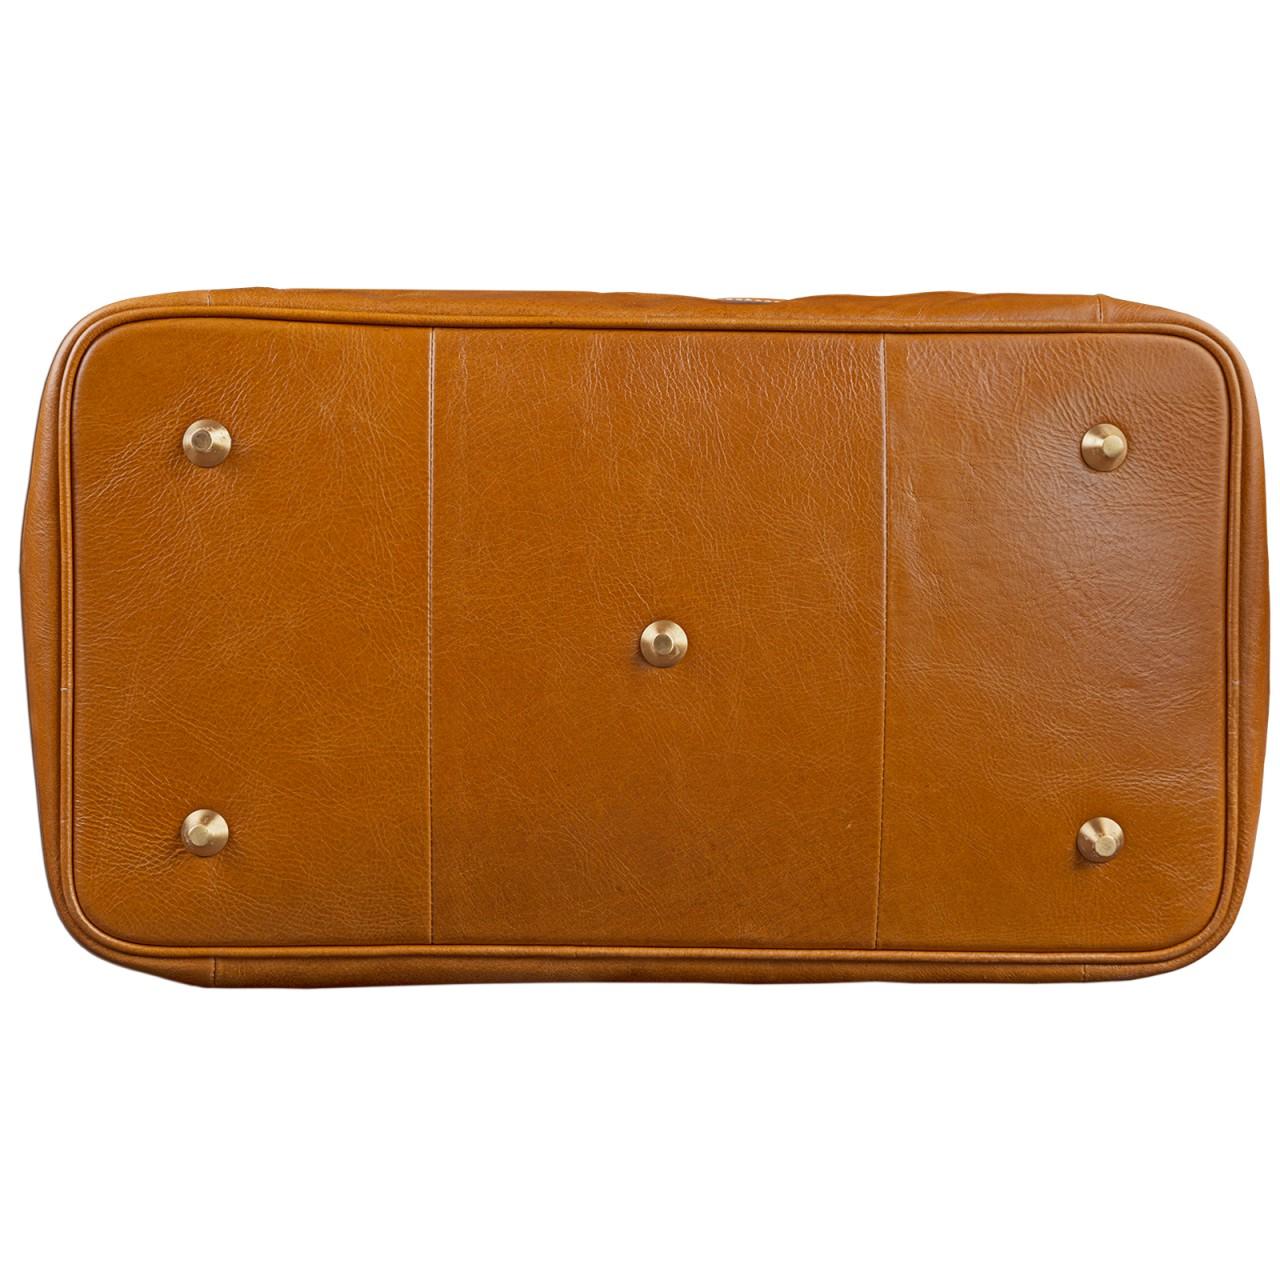 STILORD Vintage Reisetasche aus edlem Rindsleder Urlaub Handgepäck Weekend Bag Sporttasche, echtes Leder, cognac braun - Bild 5